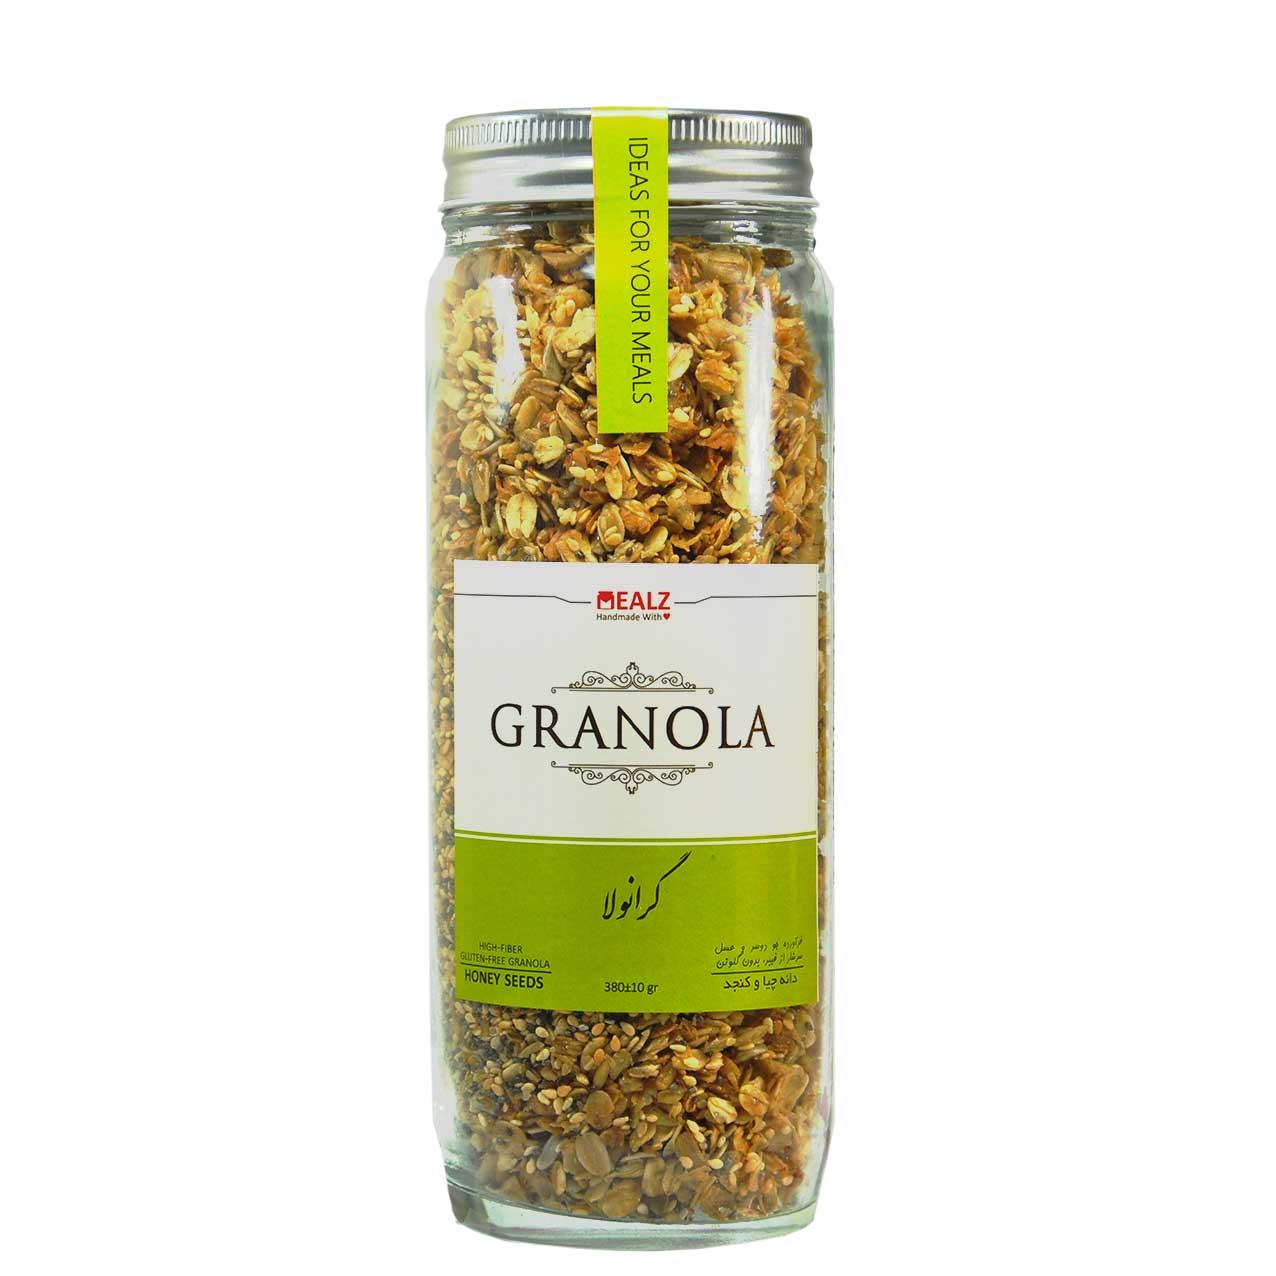 جو دوسر با دانه ی چیا و کنجد گرانولا – Granola